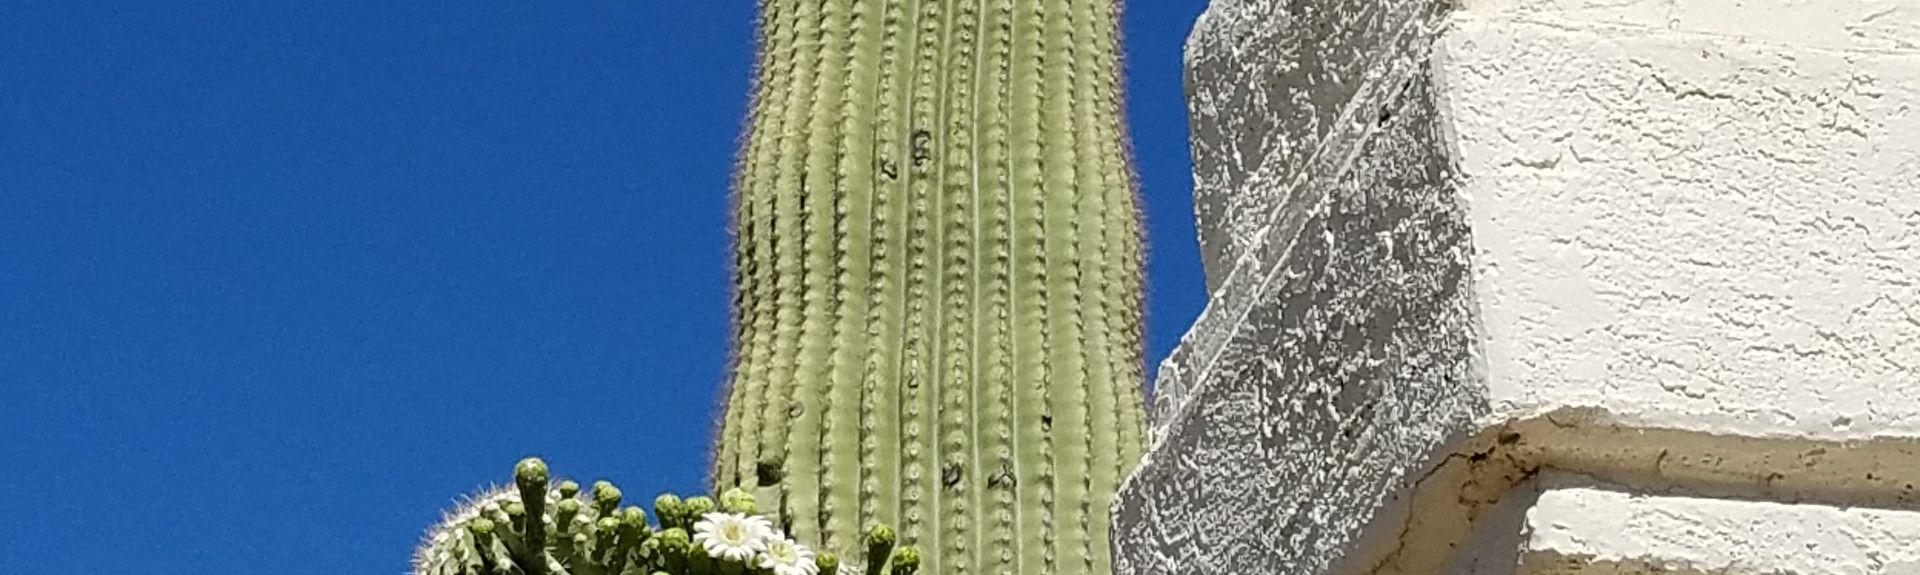 Christopher Columbus Park, Tucson, Arizona, Estados Unidos